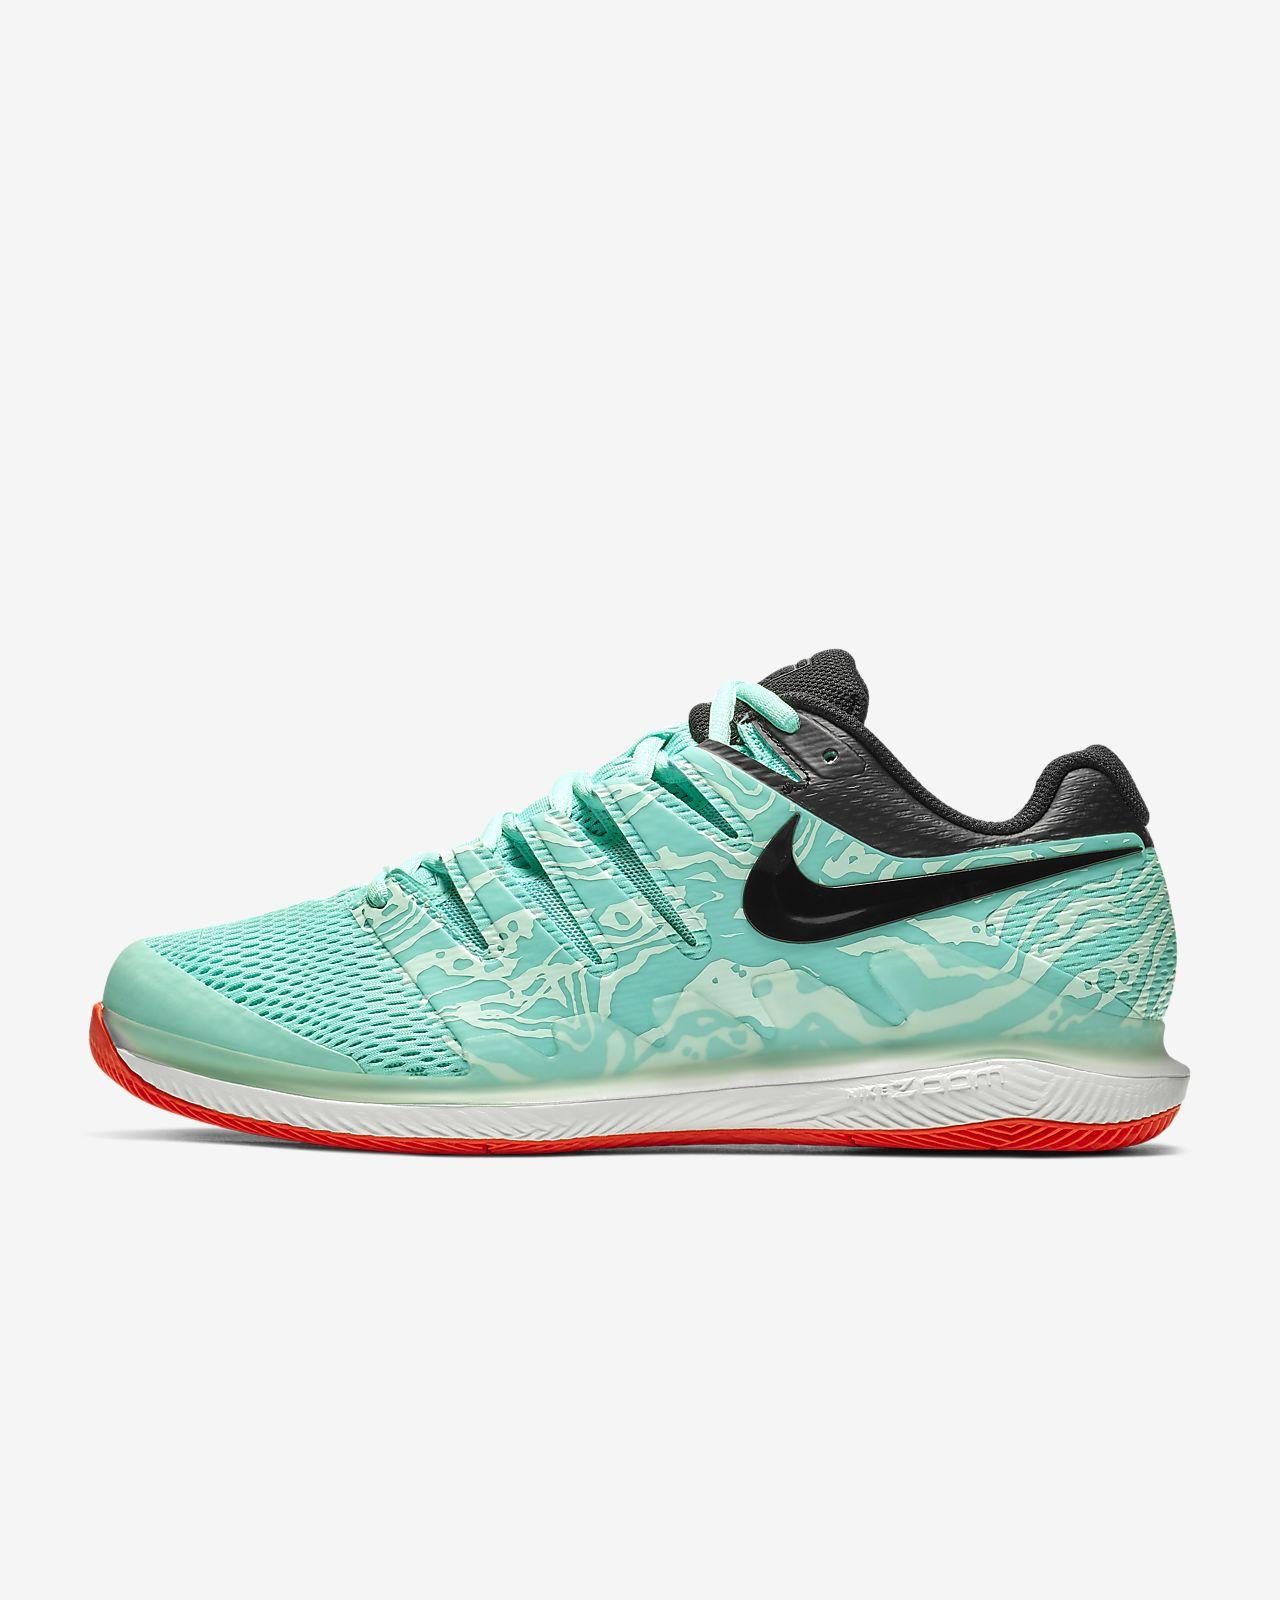 newest a98d2 46385 ... Chaussure de tennis pour surface dure NikeCourt Air Zoom Vapor X pour  Homme